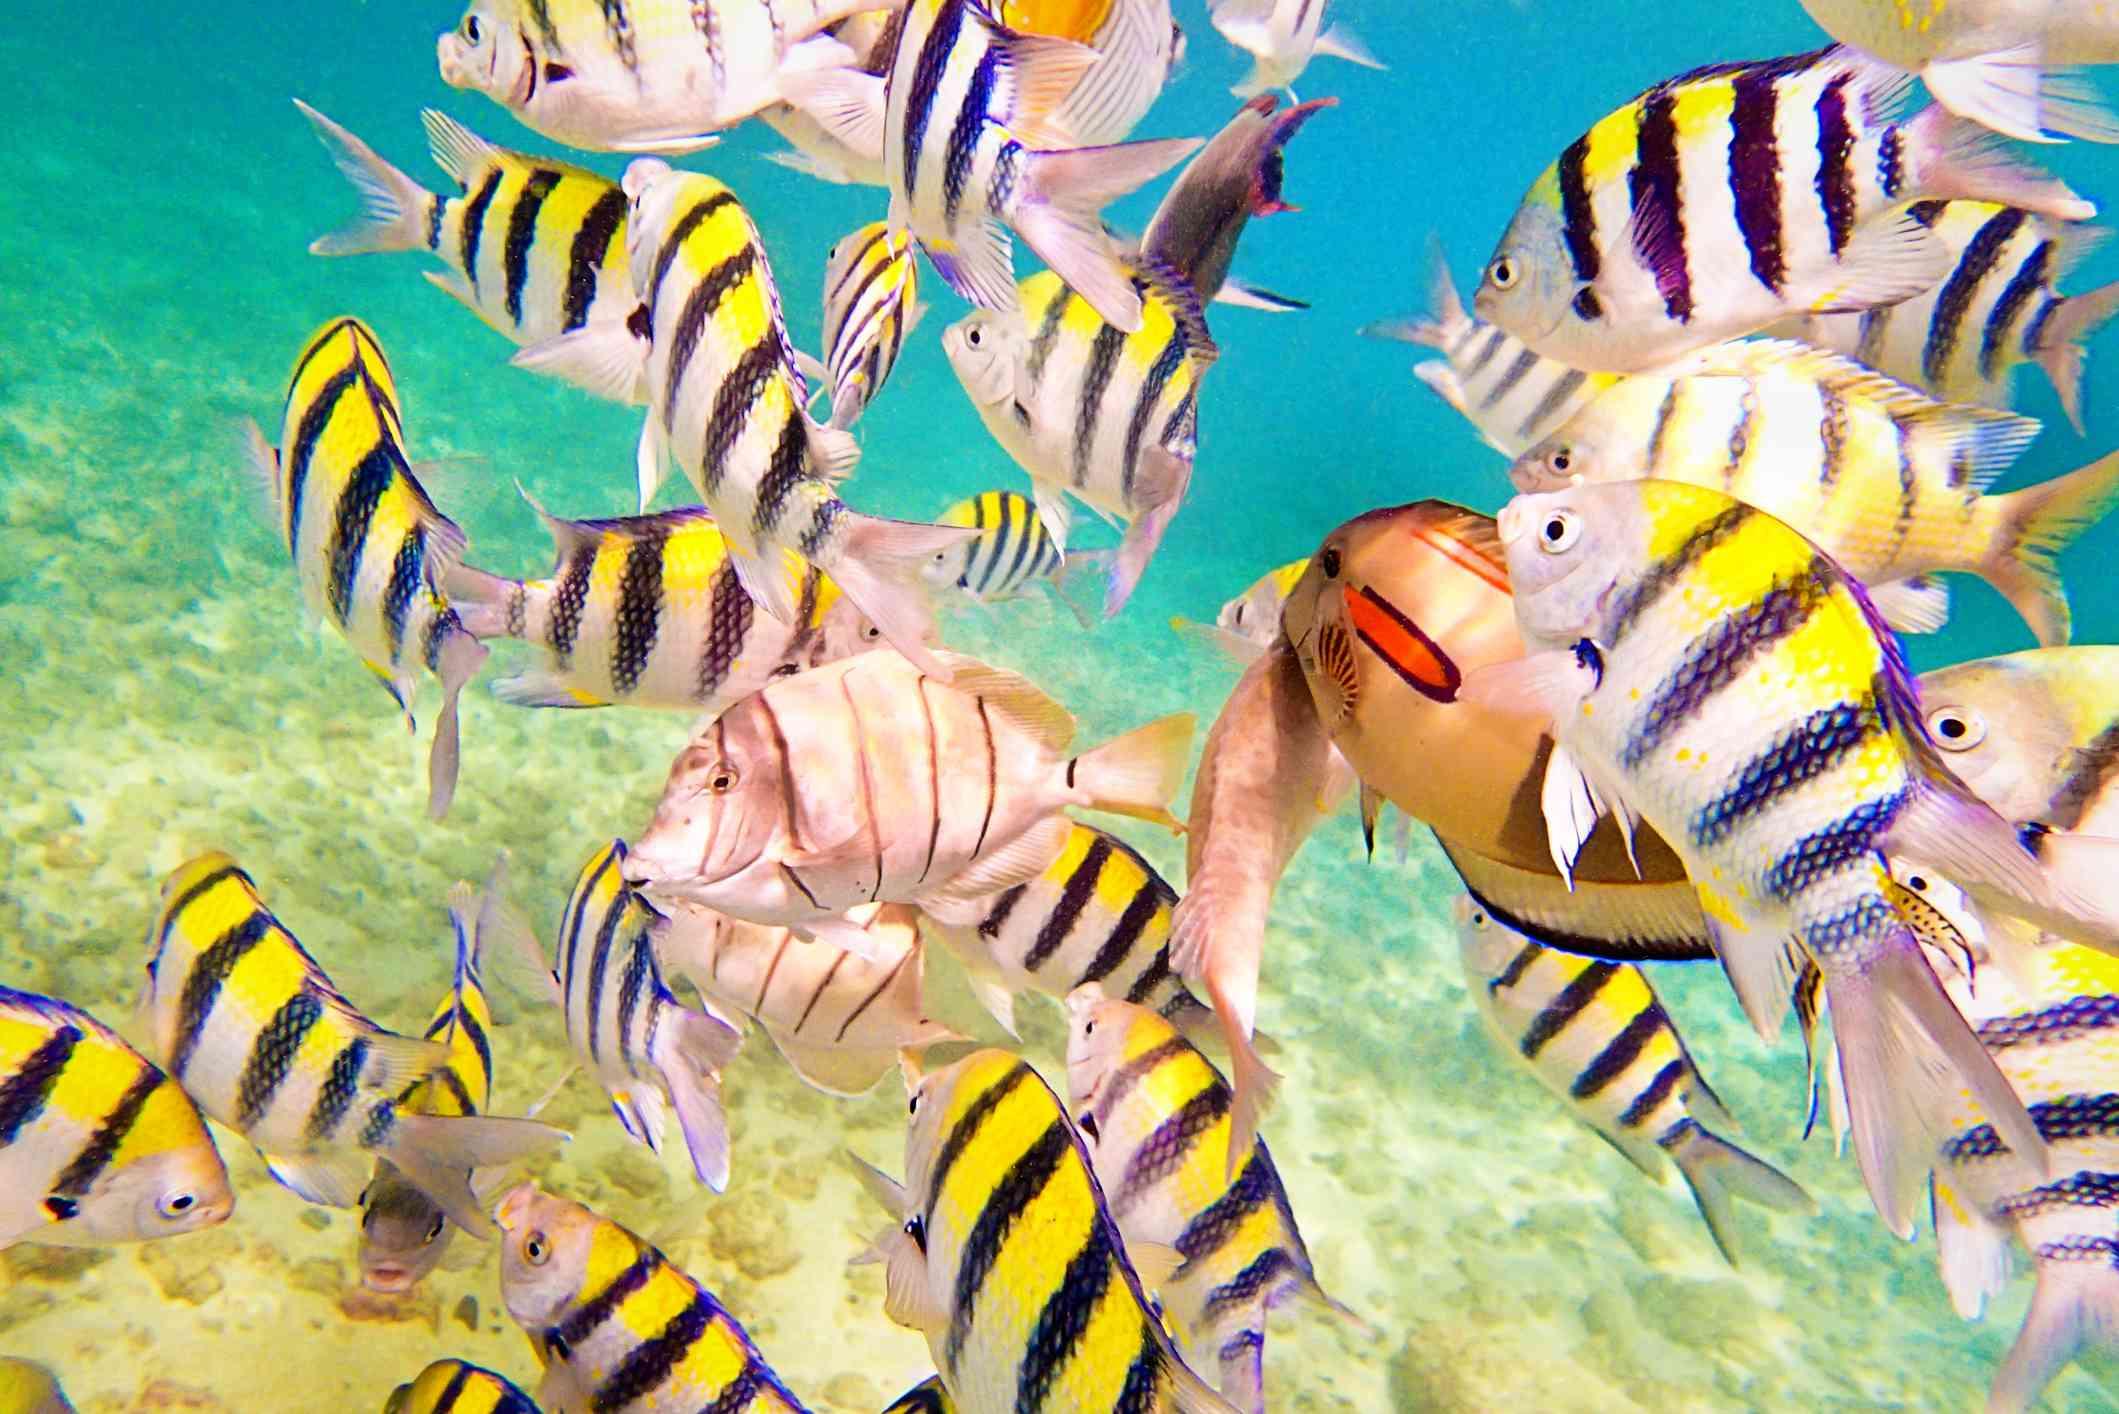 Fish in a popular Kauai snorkel spot